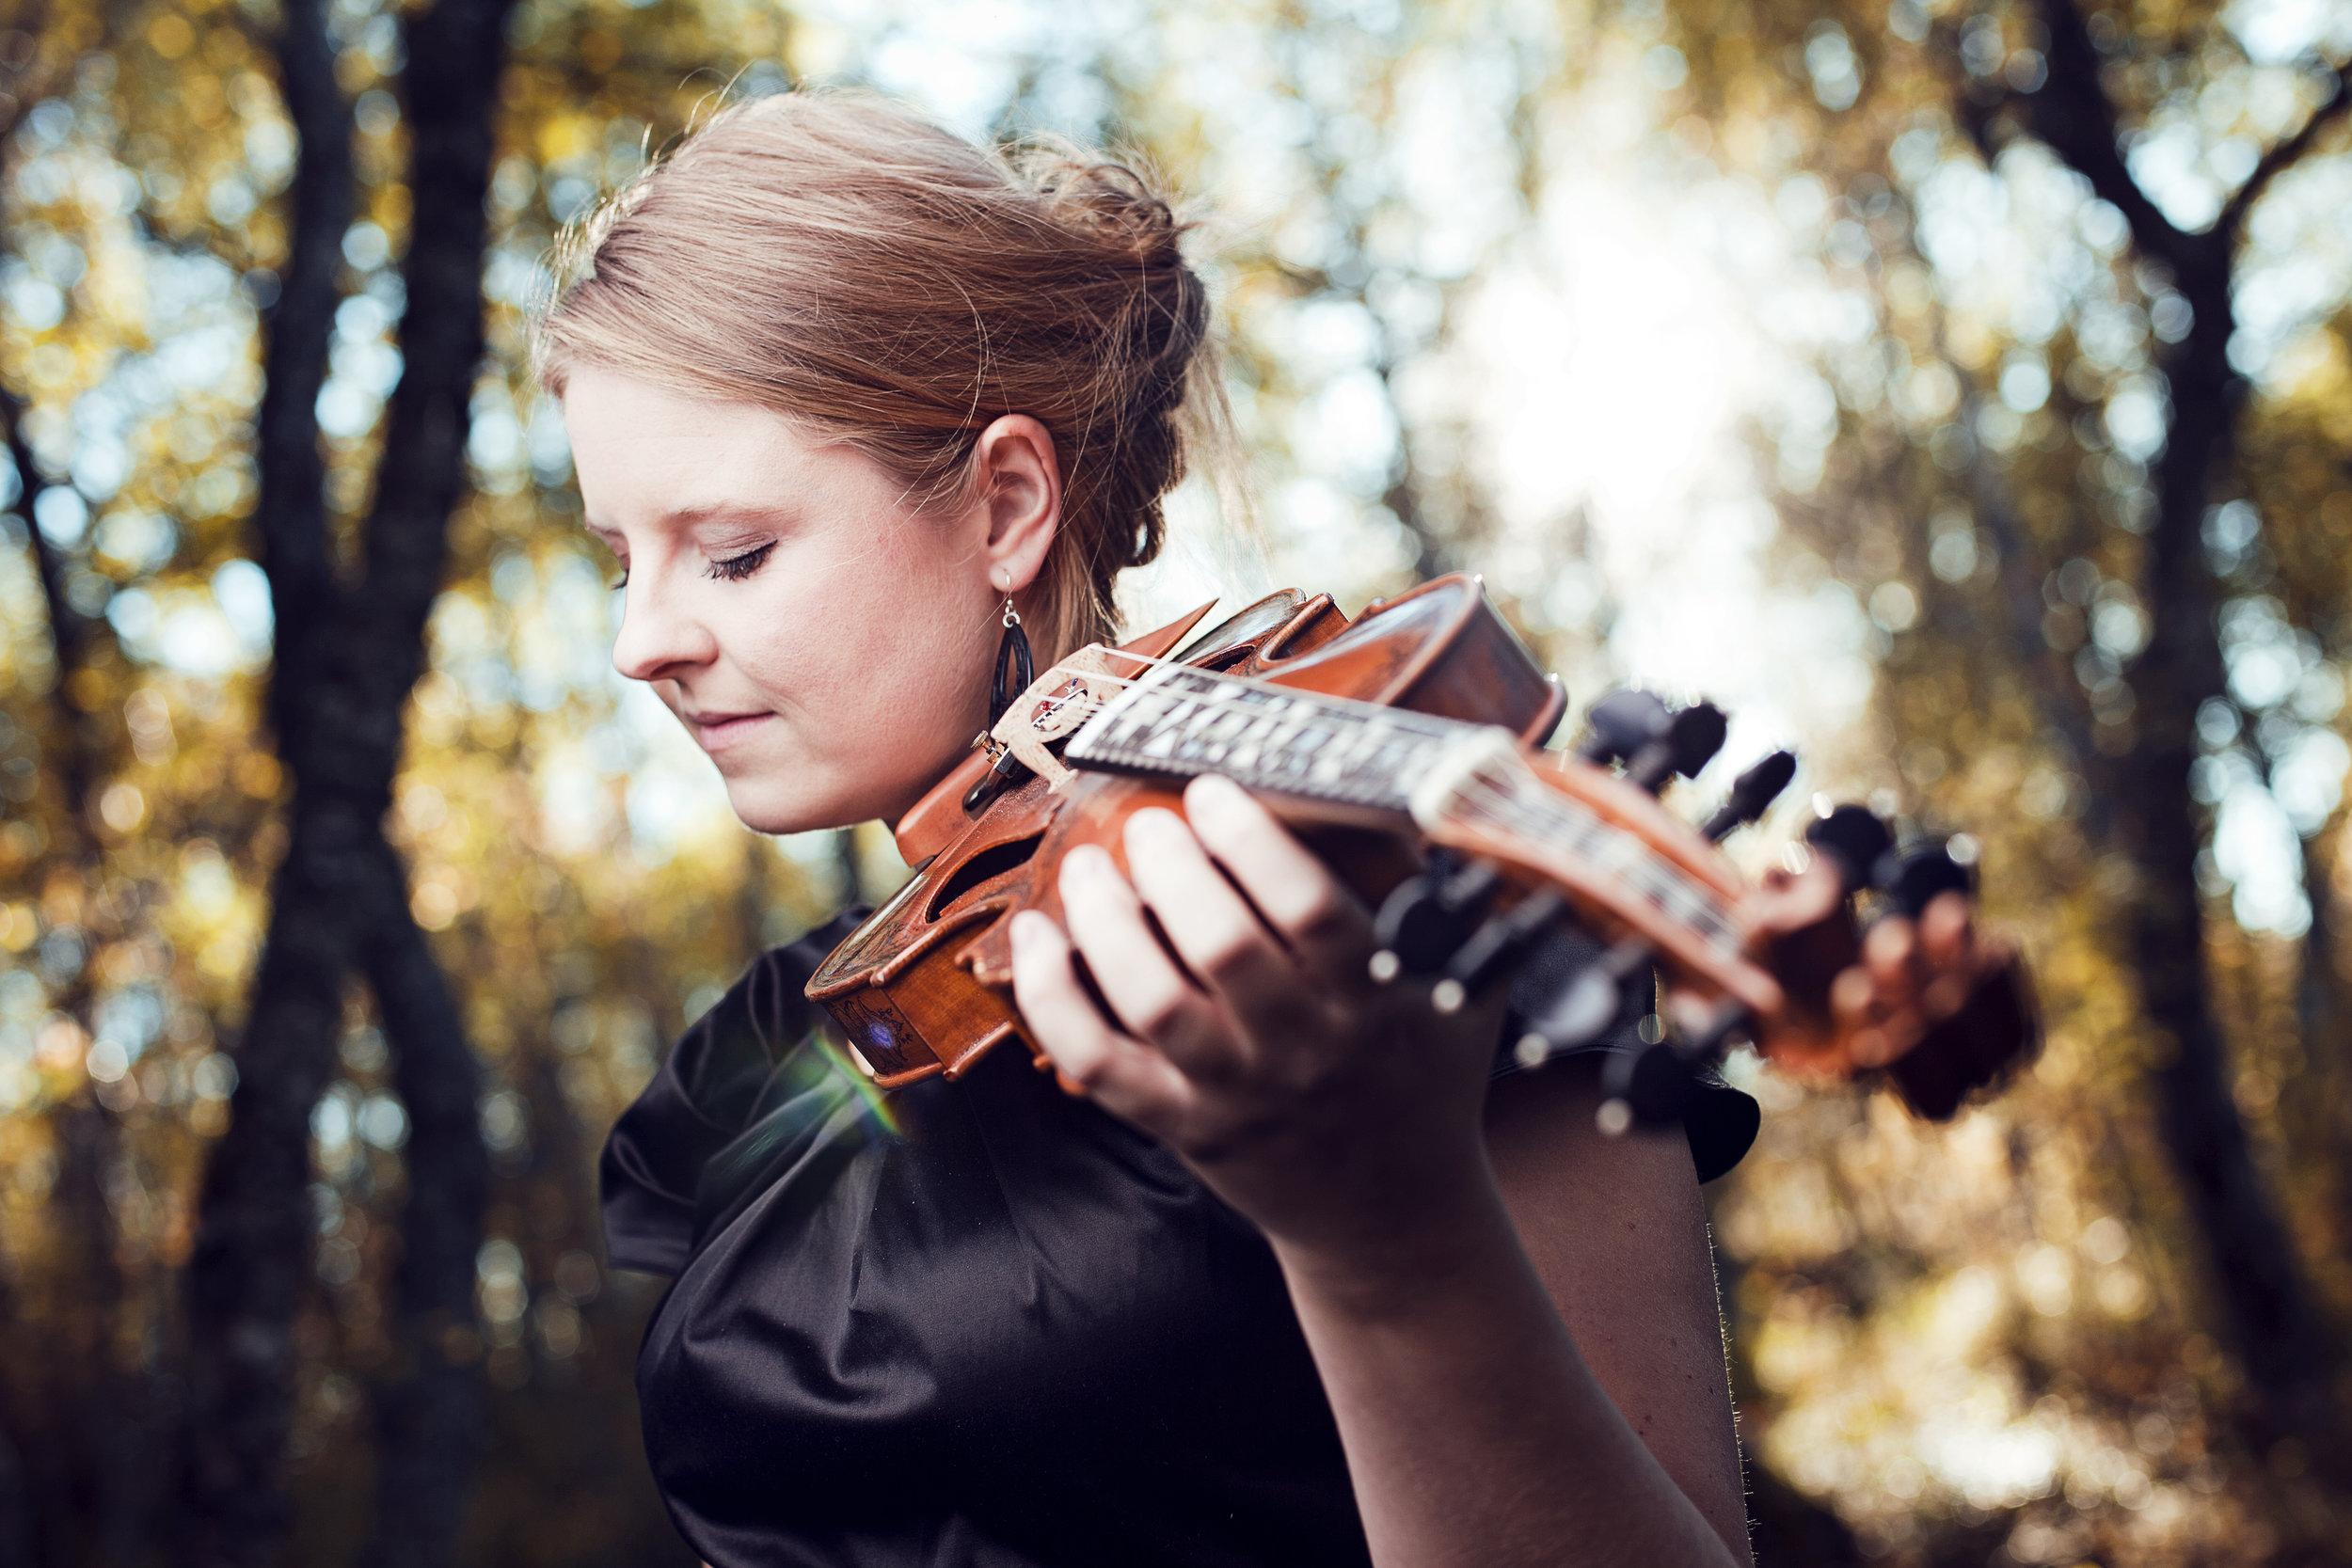 Jorun Marie Kvernberg